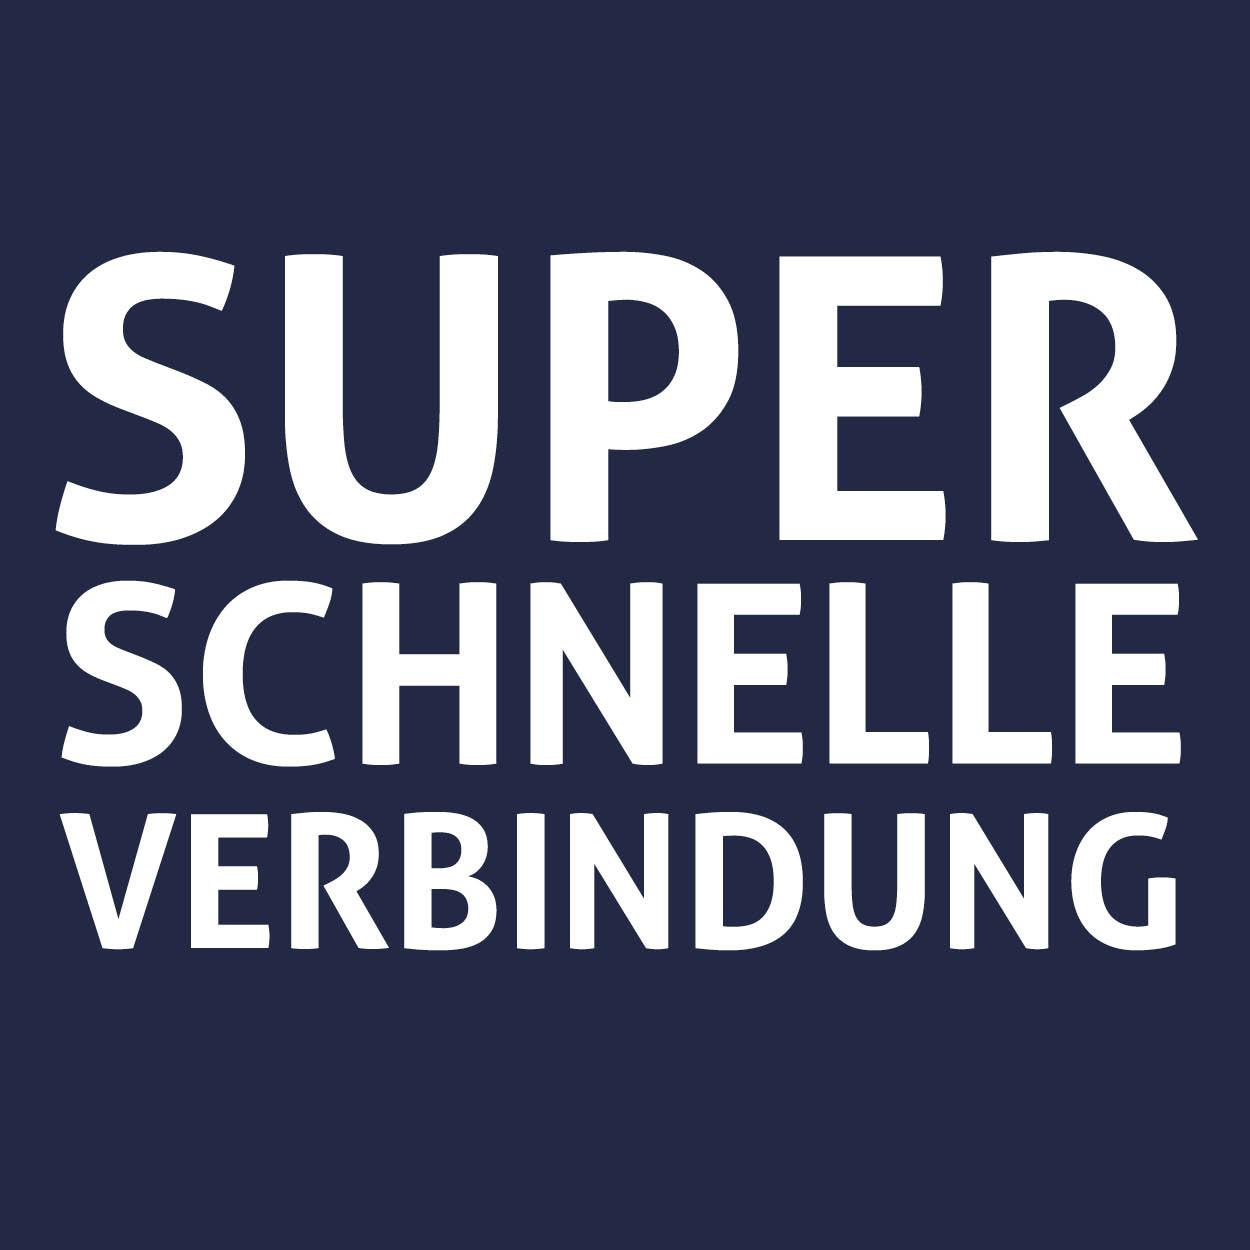 Superschnelle verbindung